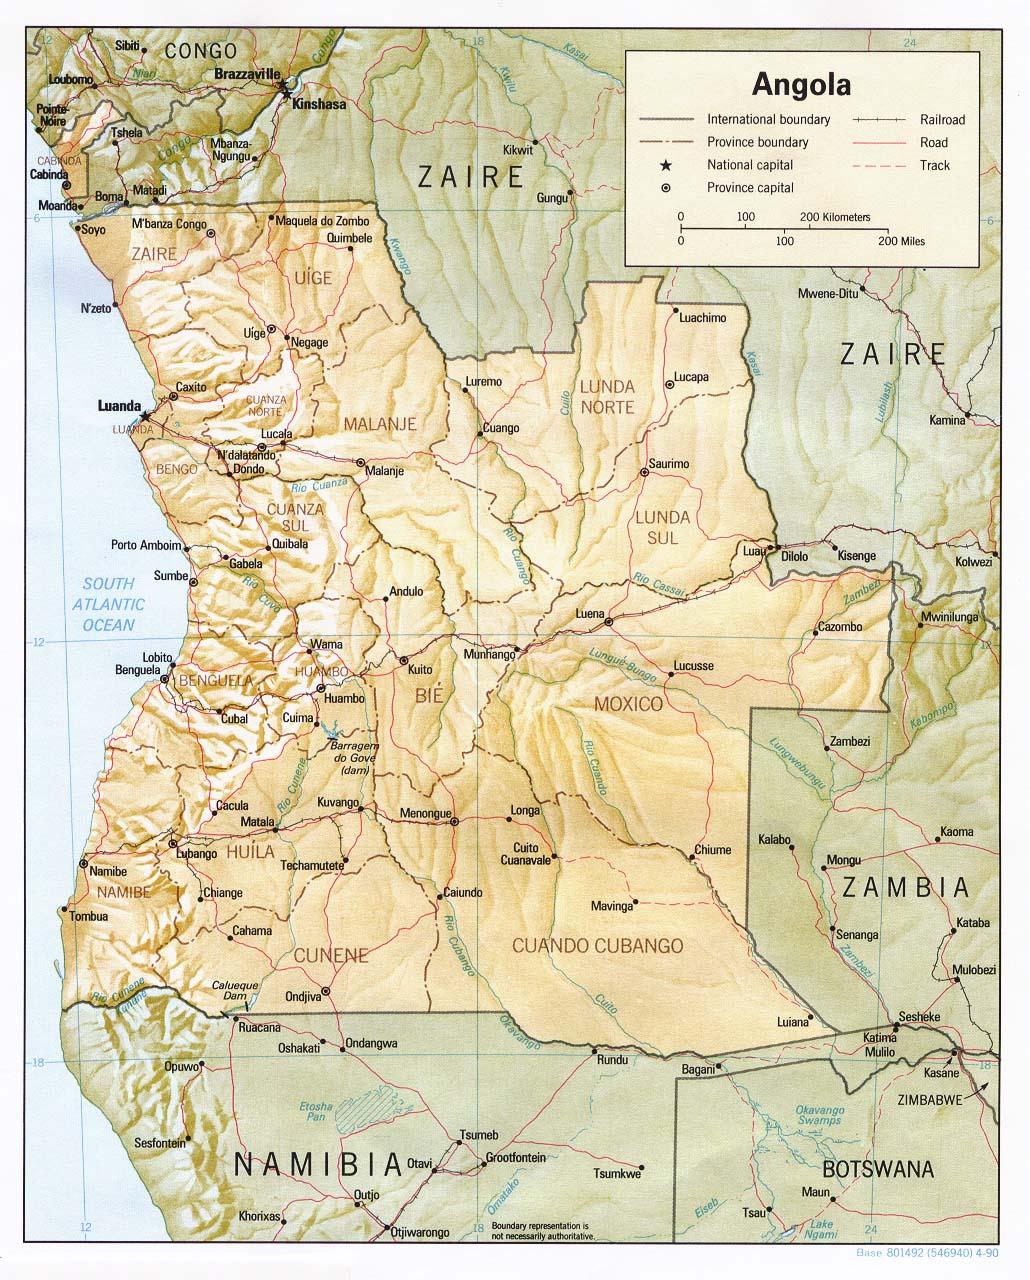 خريطة أنغولا الجُغرافية